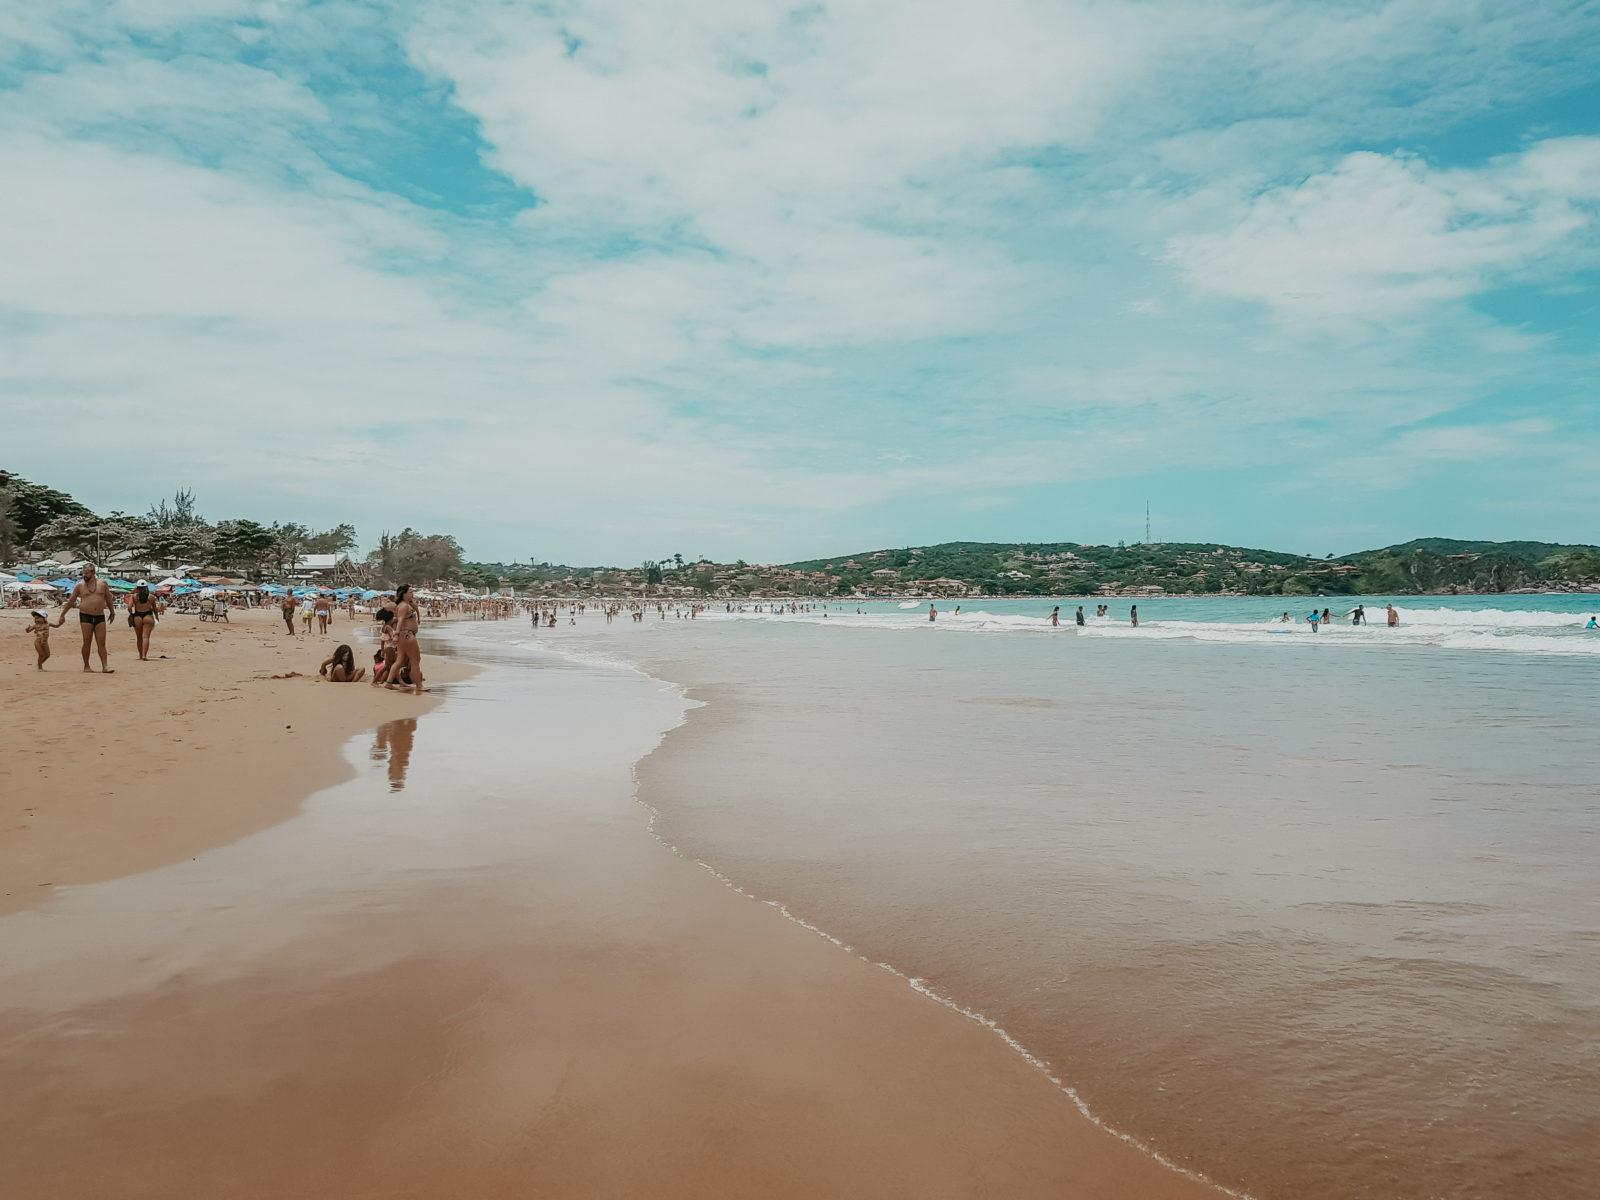 Buzíos: Die schönsten Strände Brasiliens! | Travel Guide mit Tipps